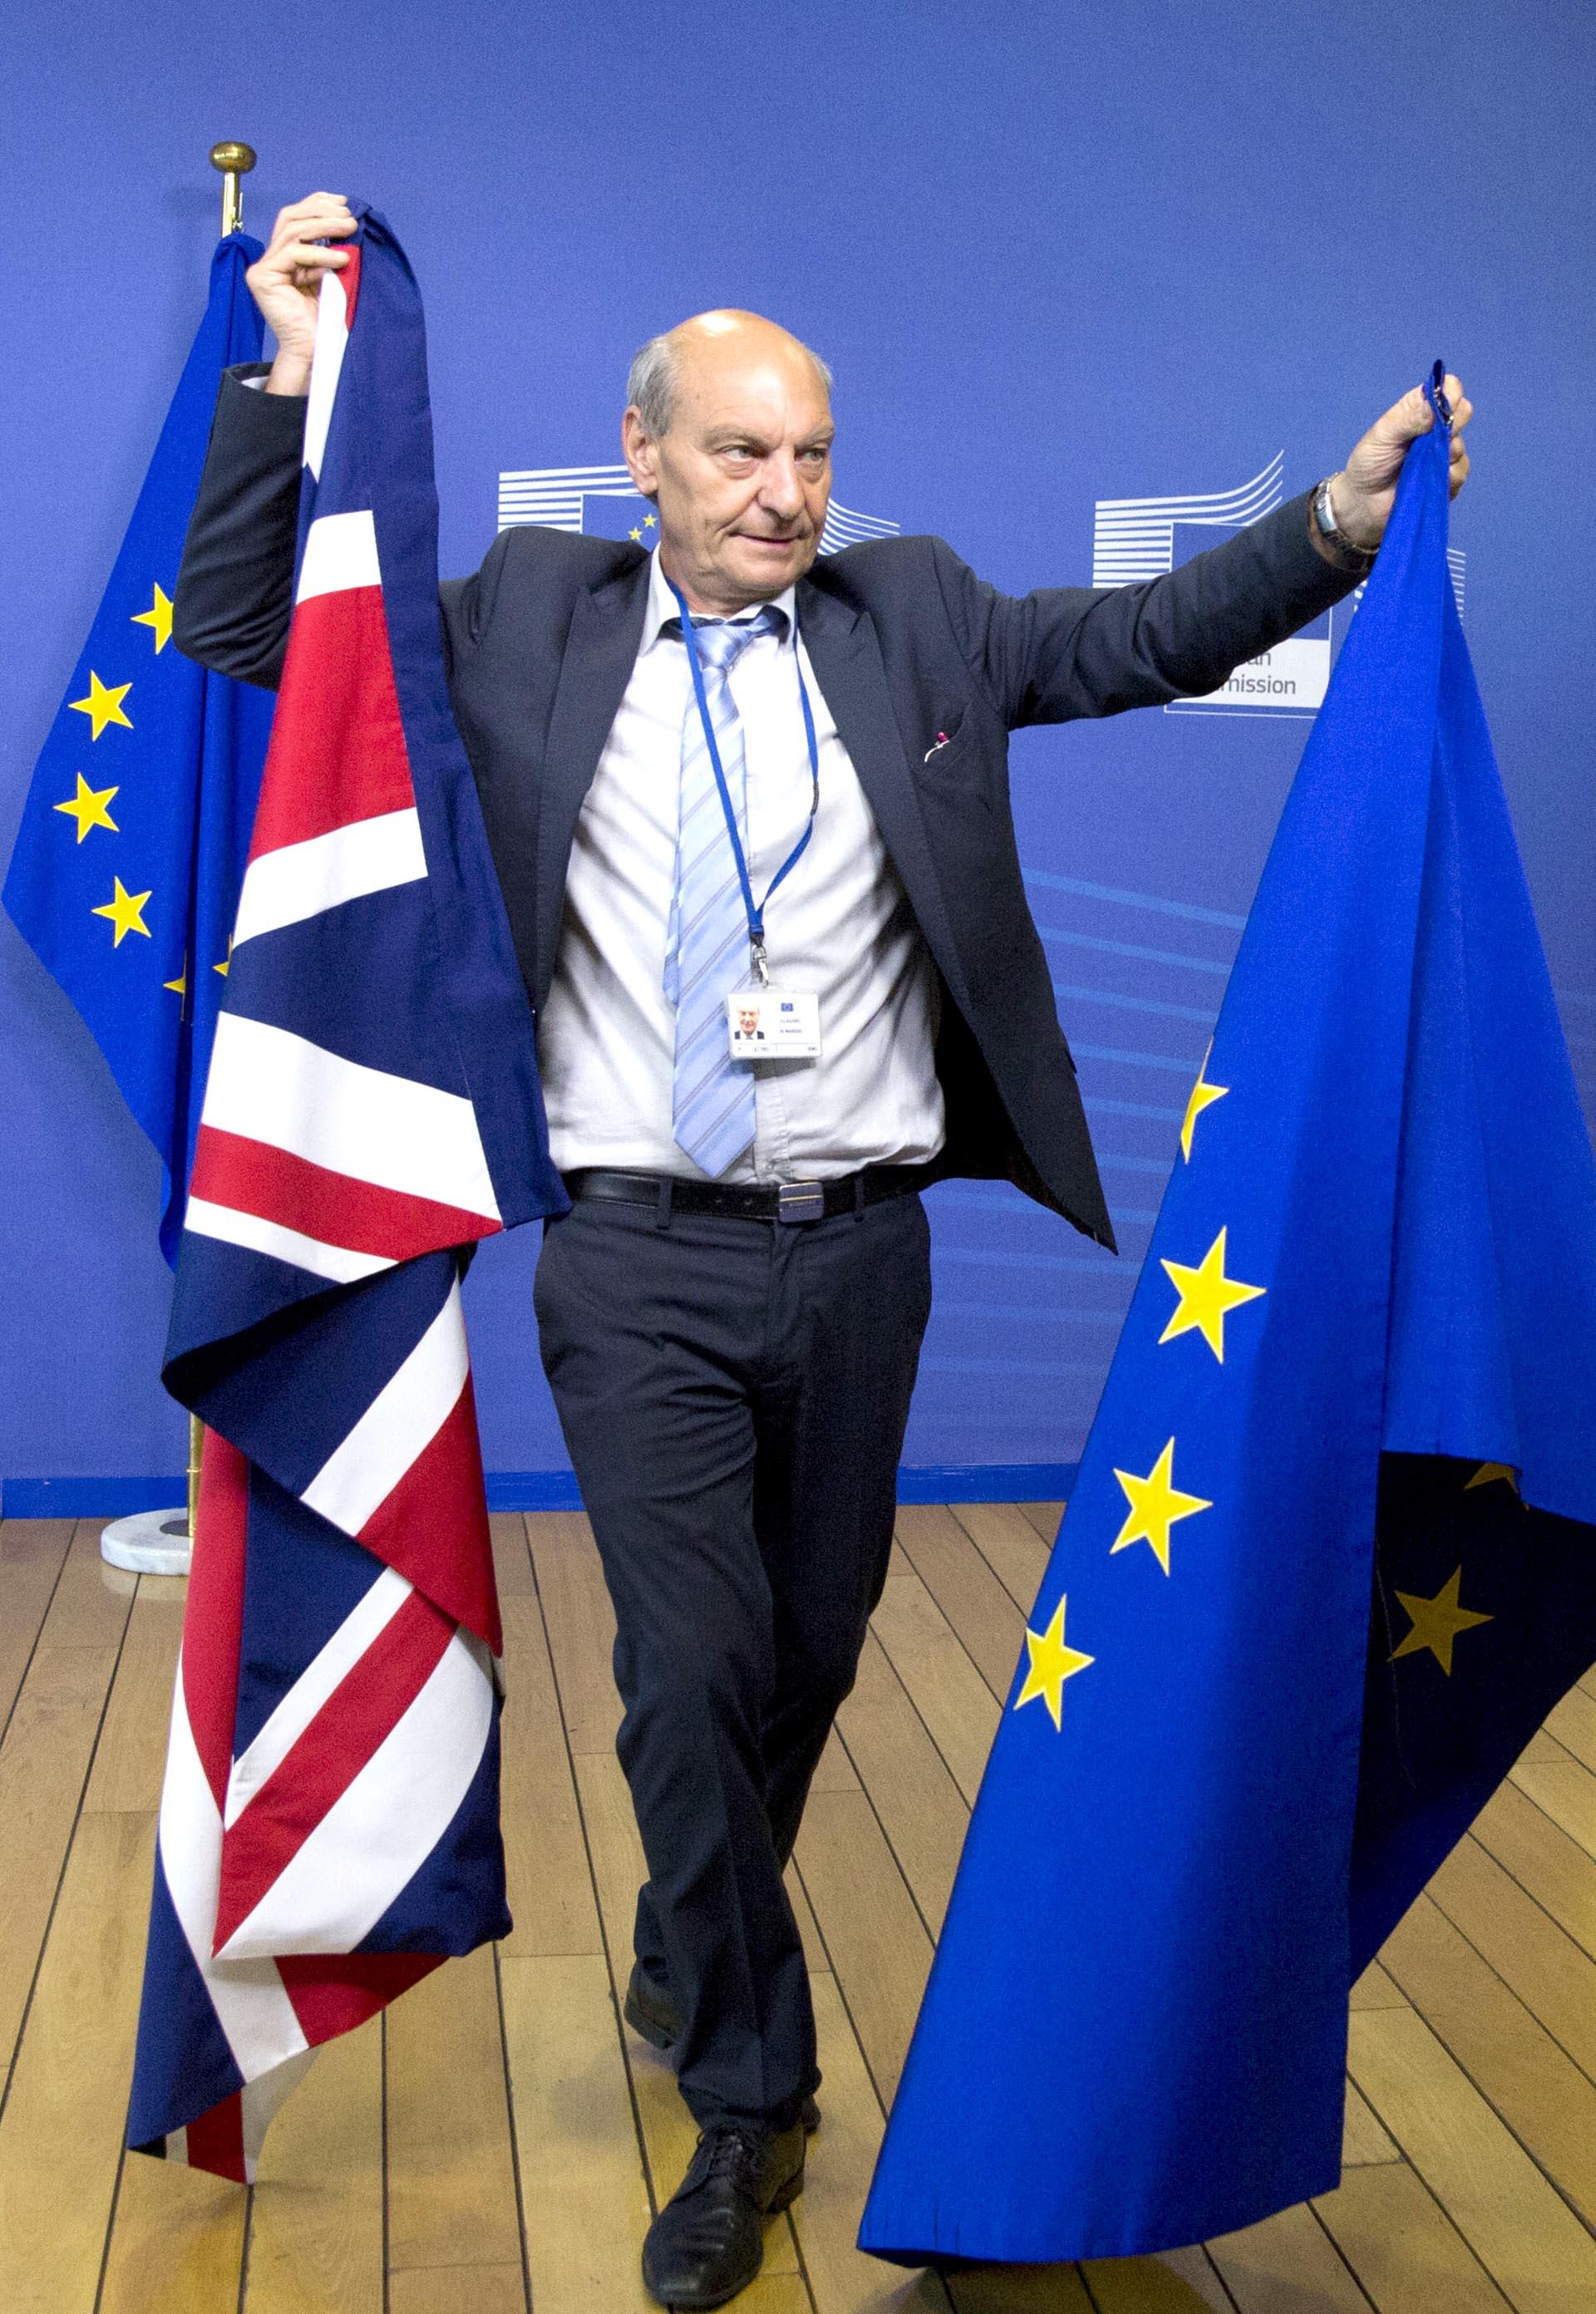 Un miembro del protocolo cambia las banderas de Gran Bretaña y de la Unión Europea antes del inicio de la discusión por el Brexit en Bruselas, Bélgica